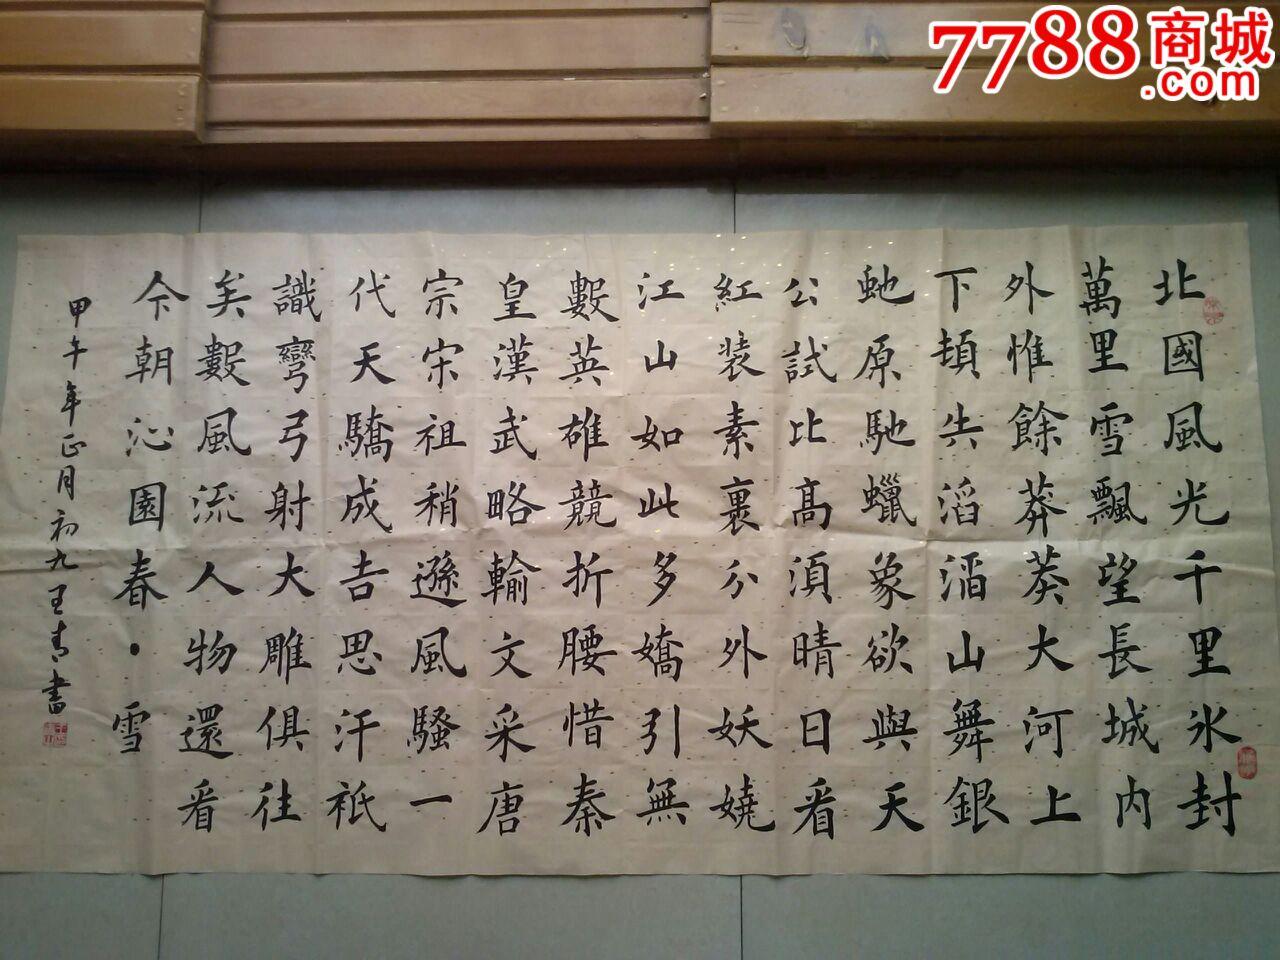 欧体楷书毛泽东诗词沁园春雪